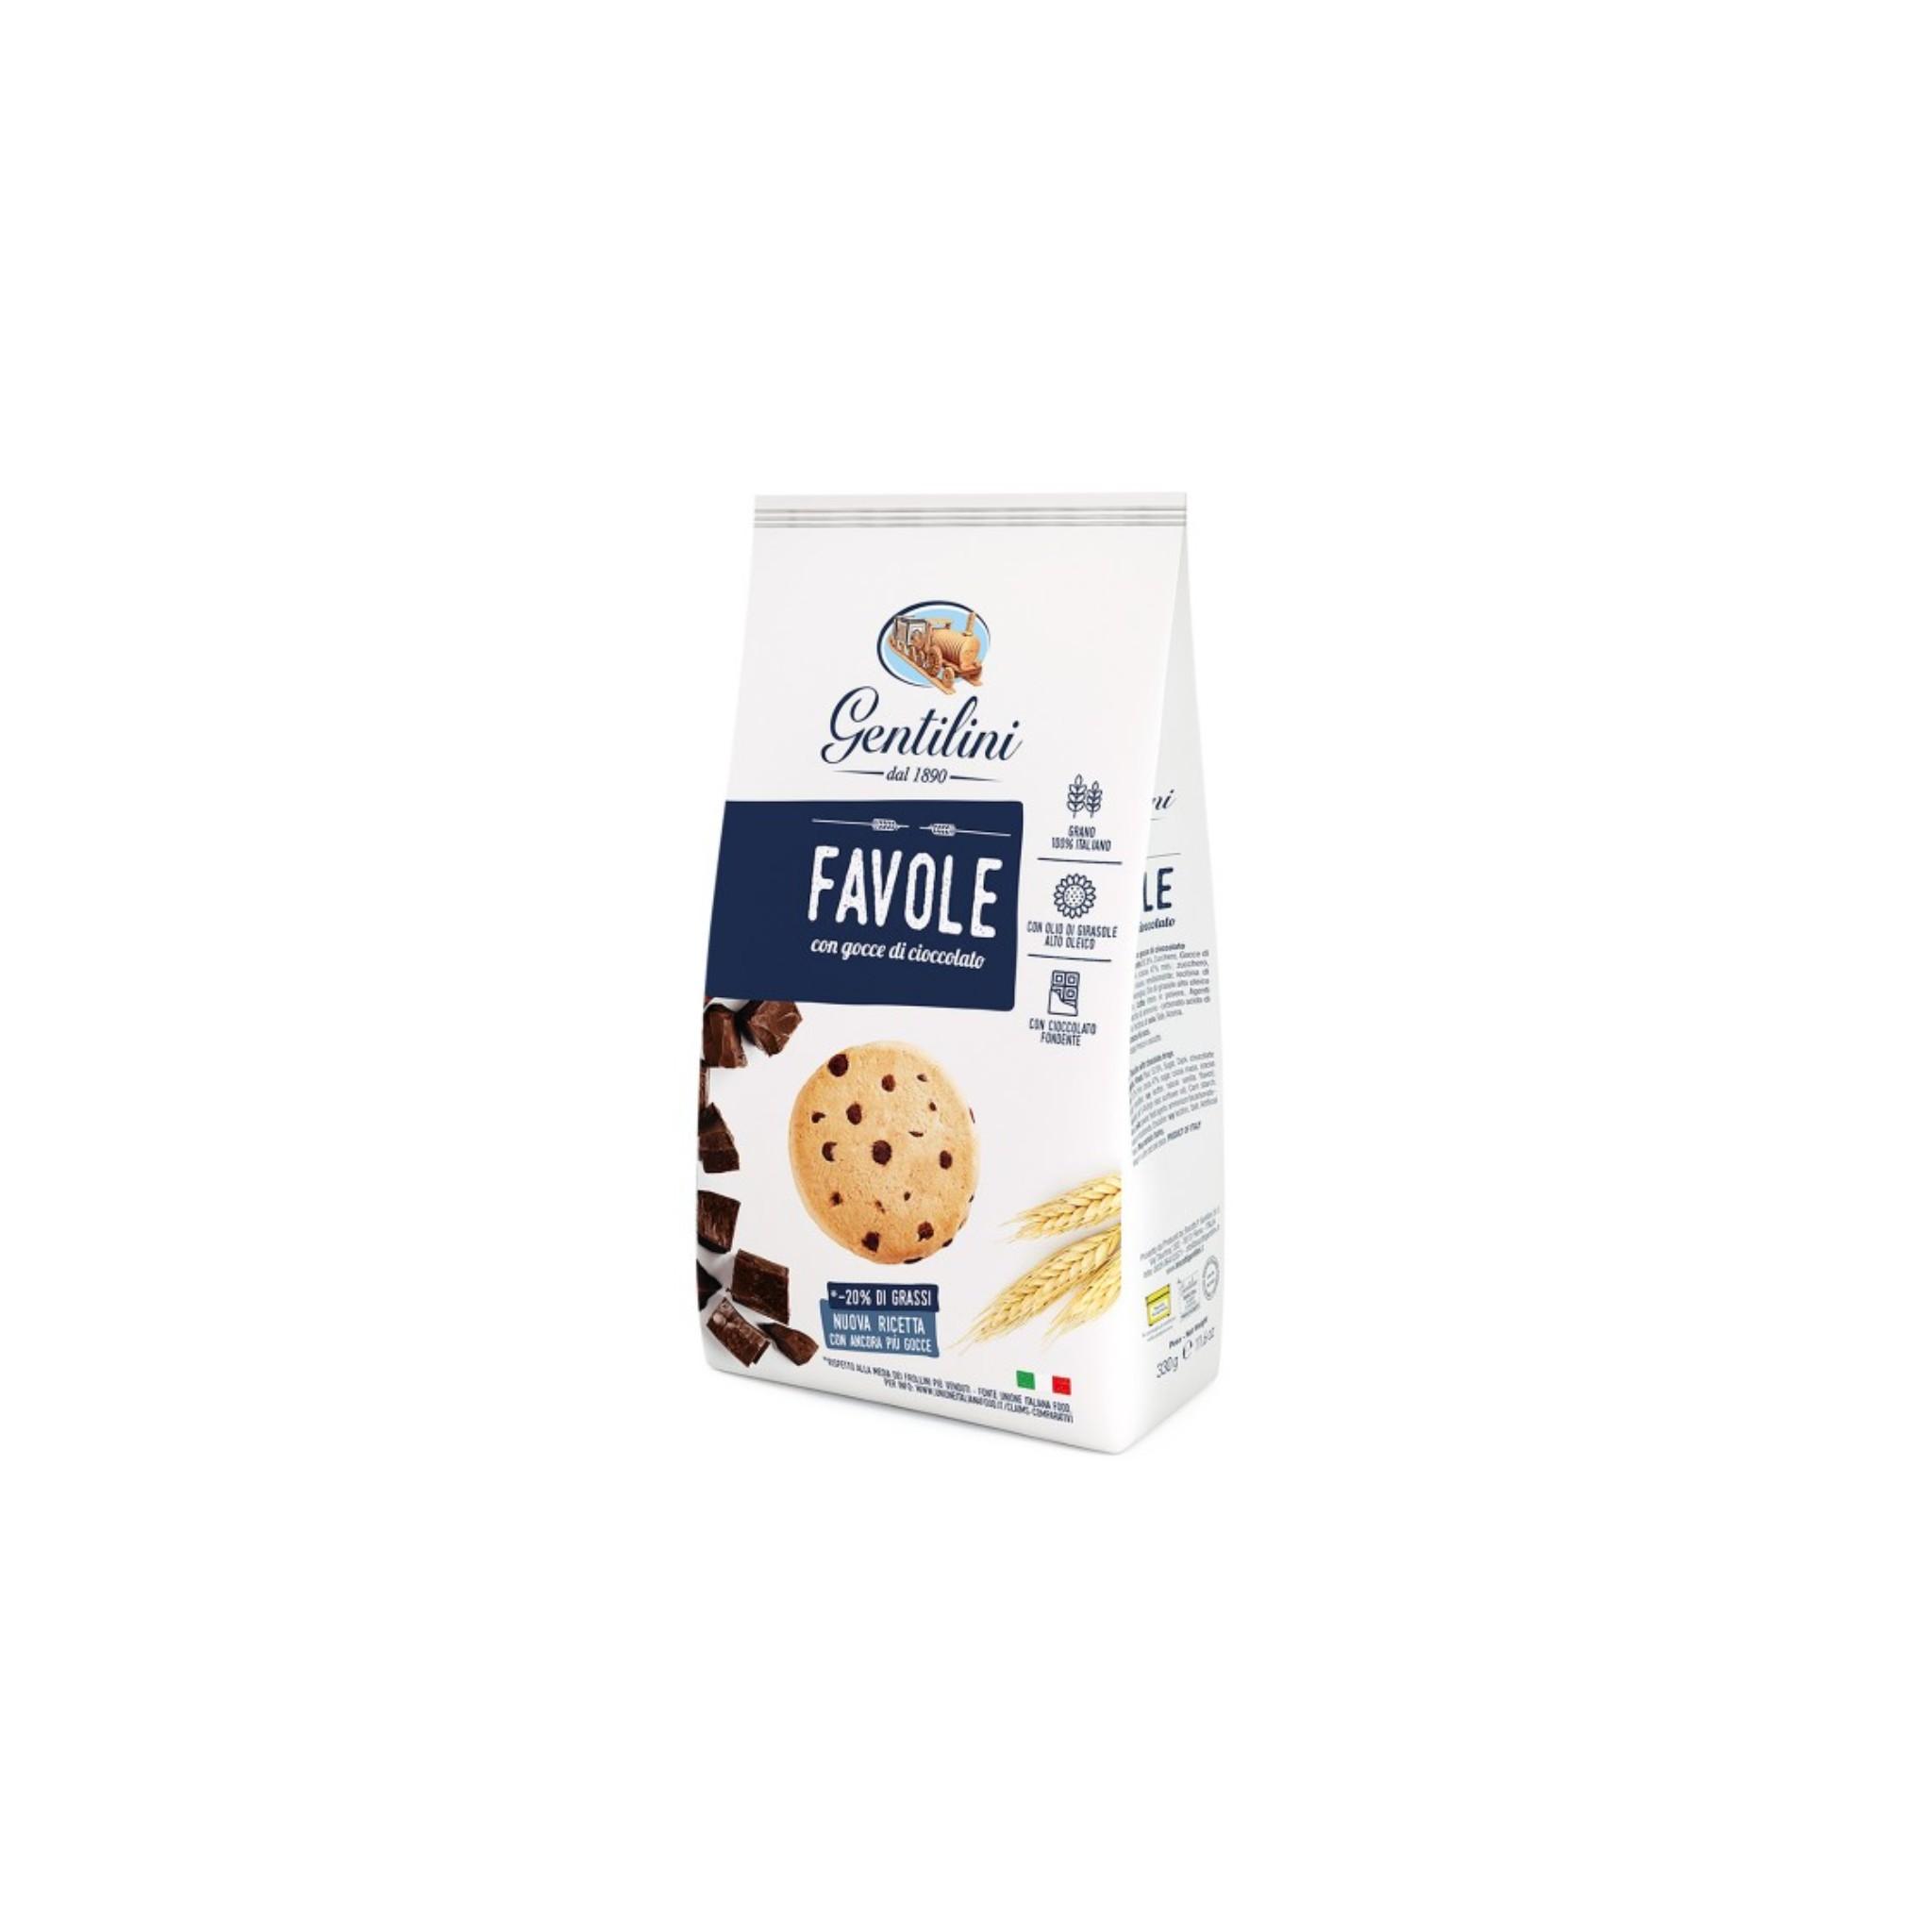 Ricetta Krumiri Con Gocce Di Cioccolato.Vendita Biscotti Gentilini Favole Con Gocce Di Cioccolato Osvego Ai 5 Cereali E Novellini Con Latte E Miele